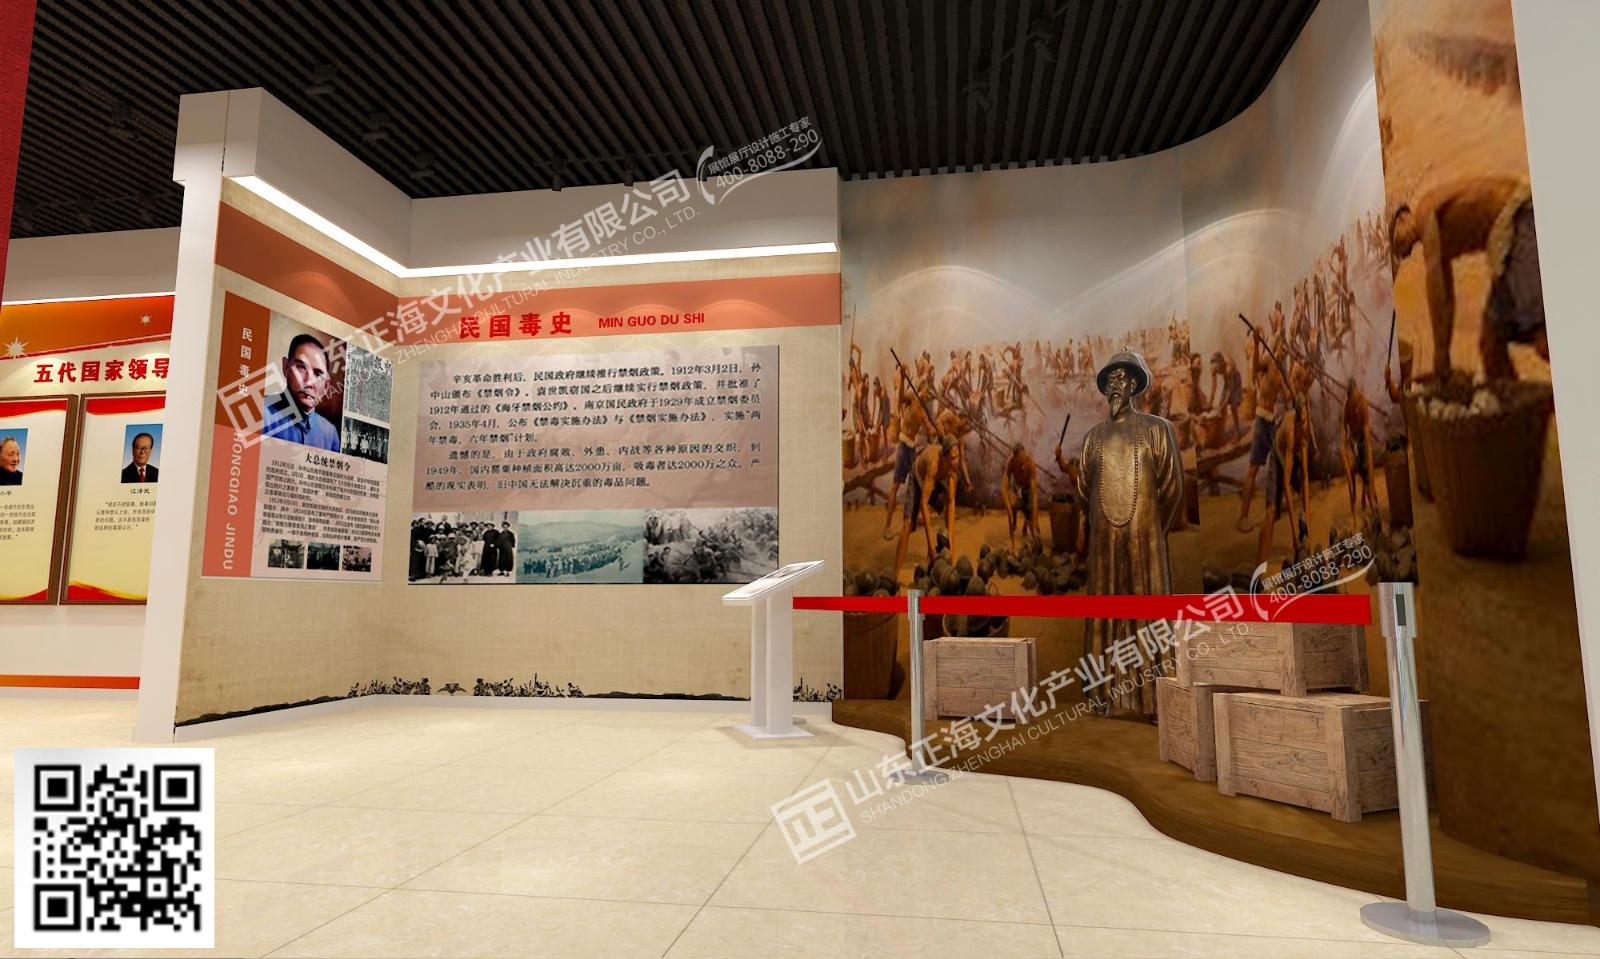 成武县禁毒教育基地|禁毒教育基地-山东正海文化产业有限公司